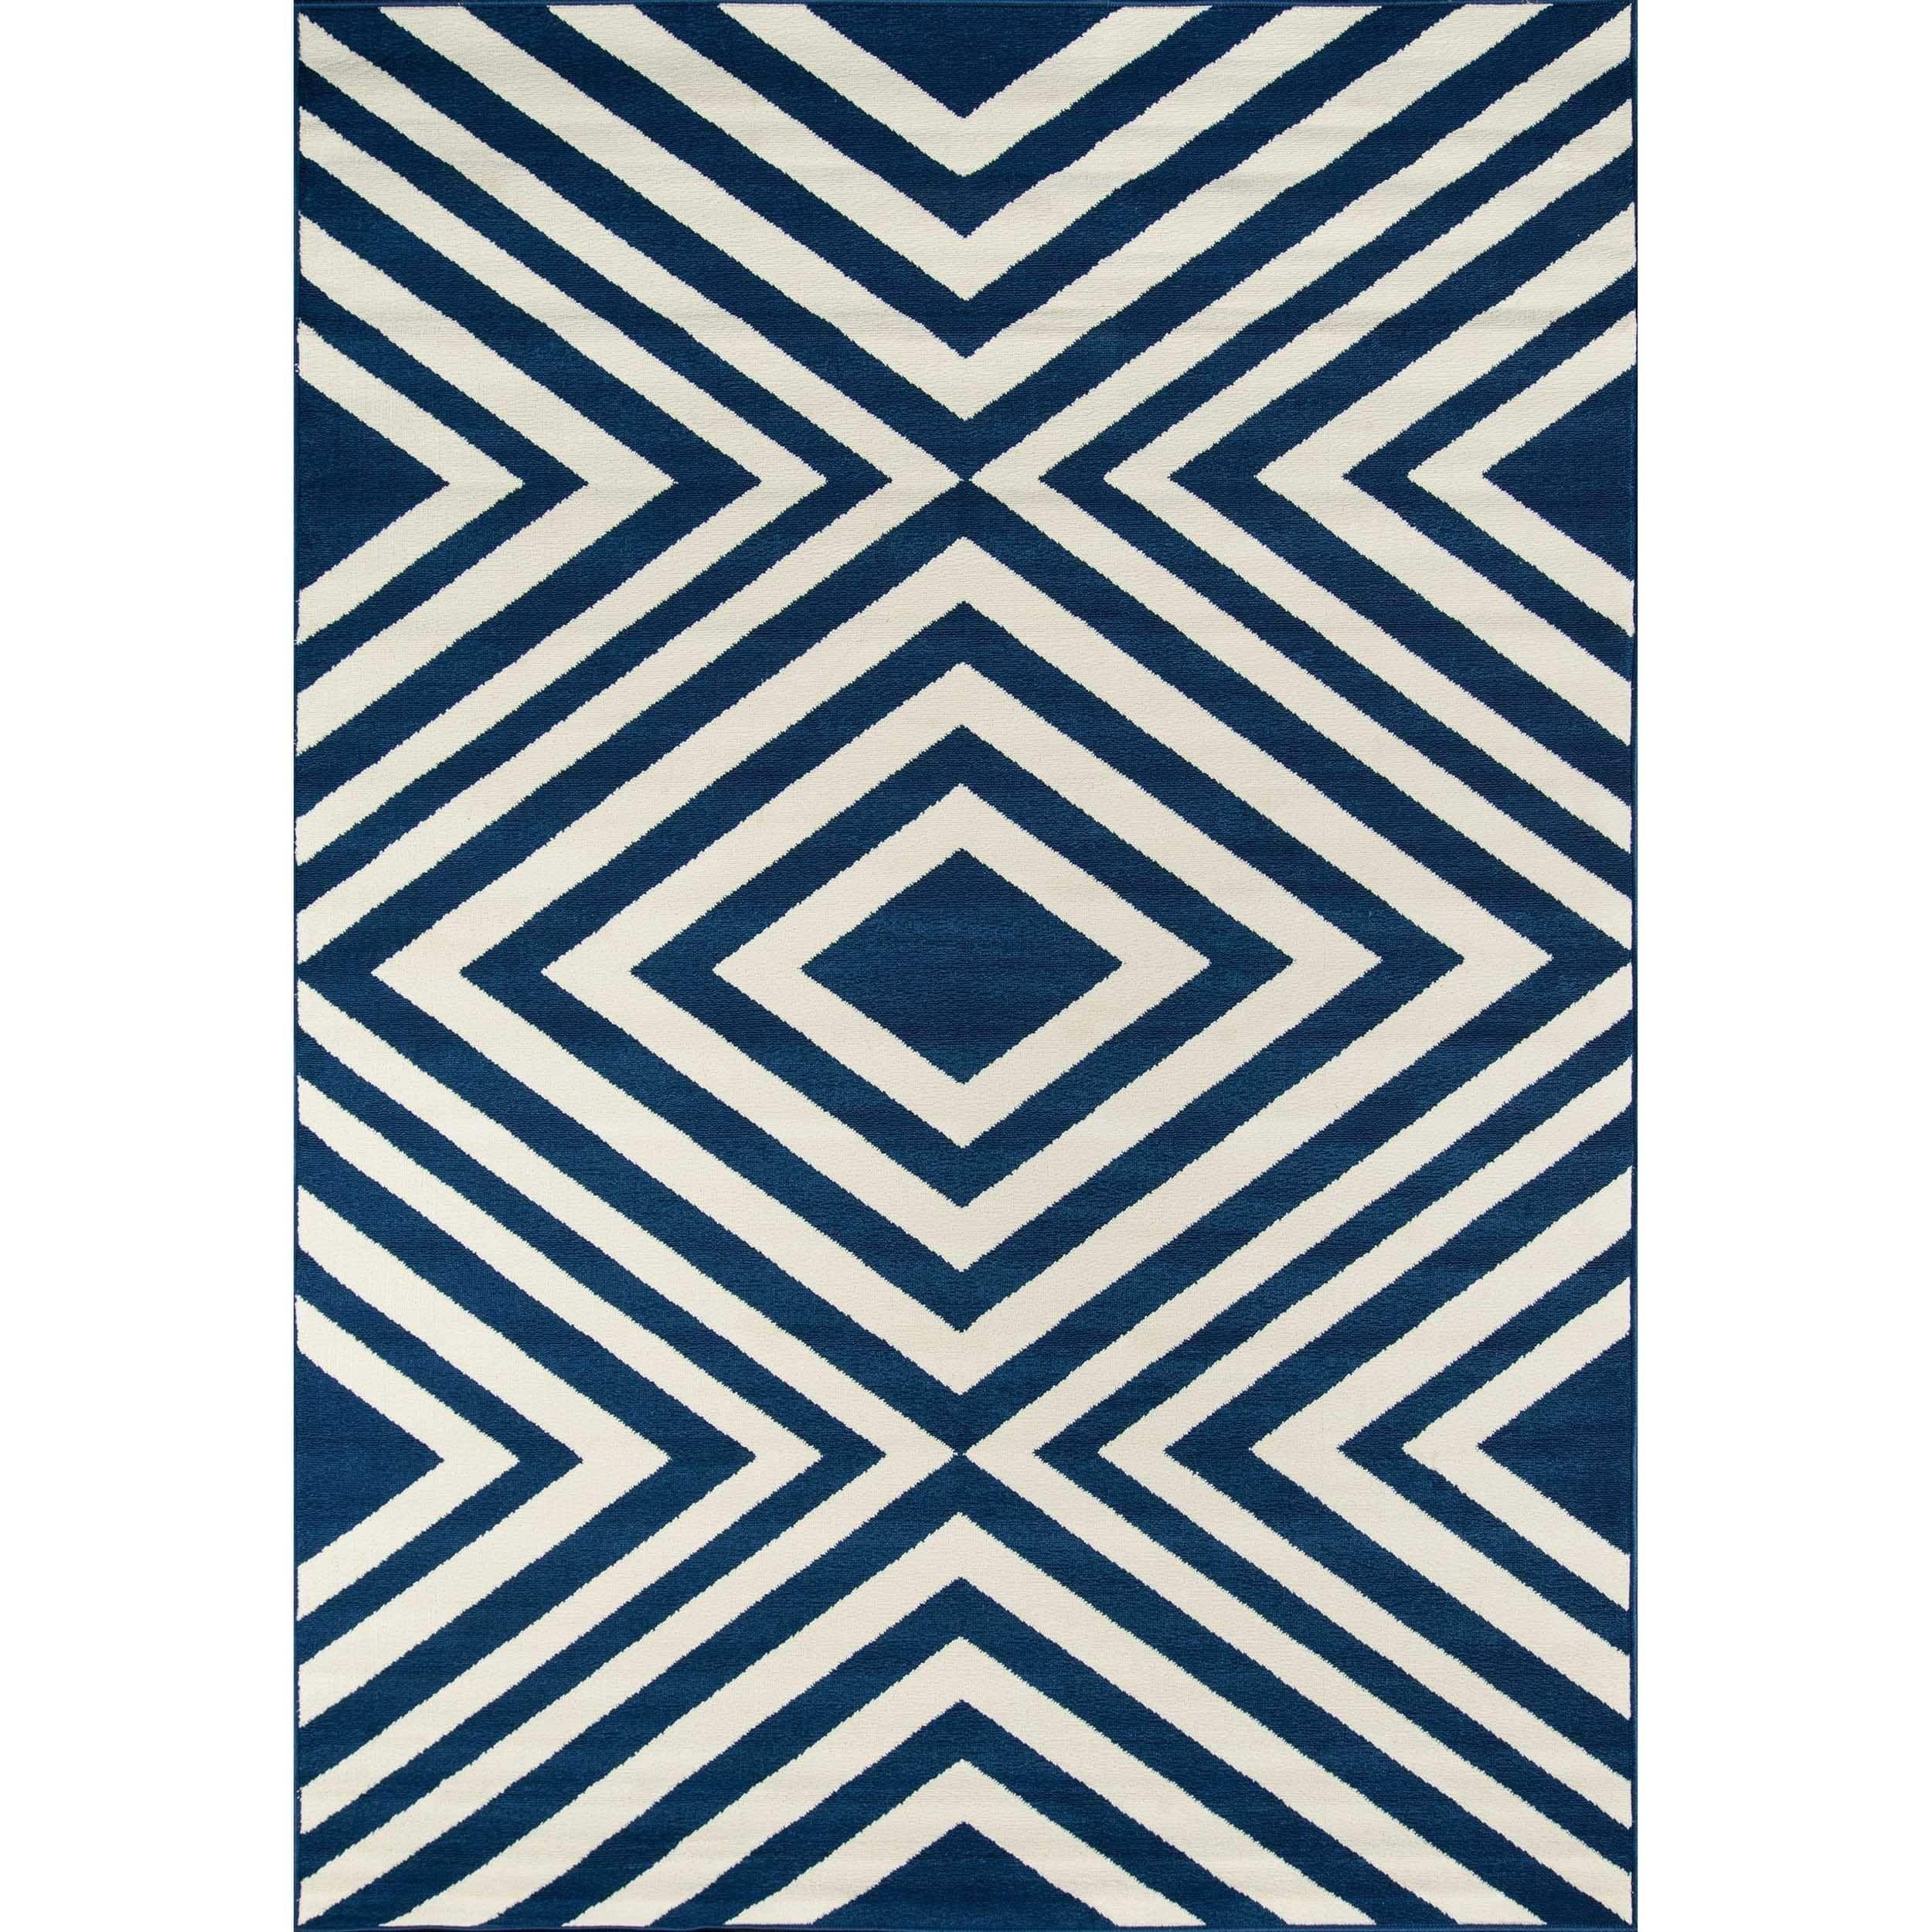 Momeni Baja Zig Zag Navy Indoor Outdoor Area Rug 1 8 X 3 7 Blue Polypropylene Abstract